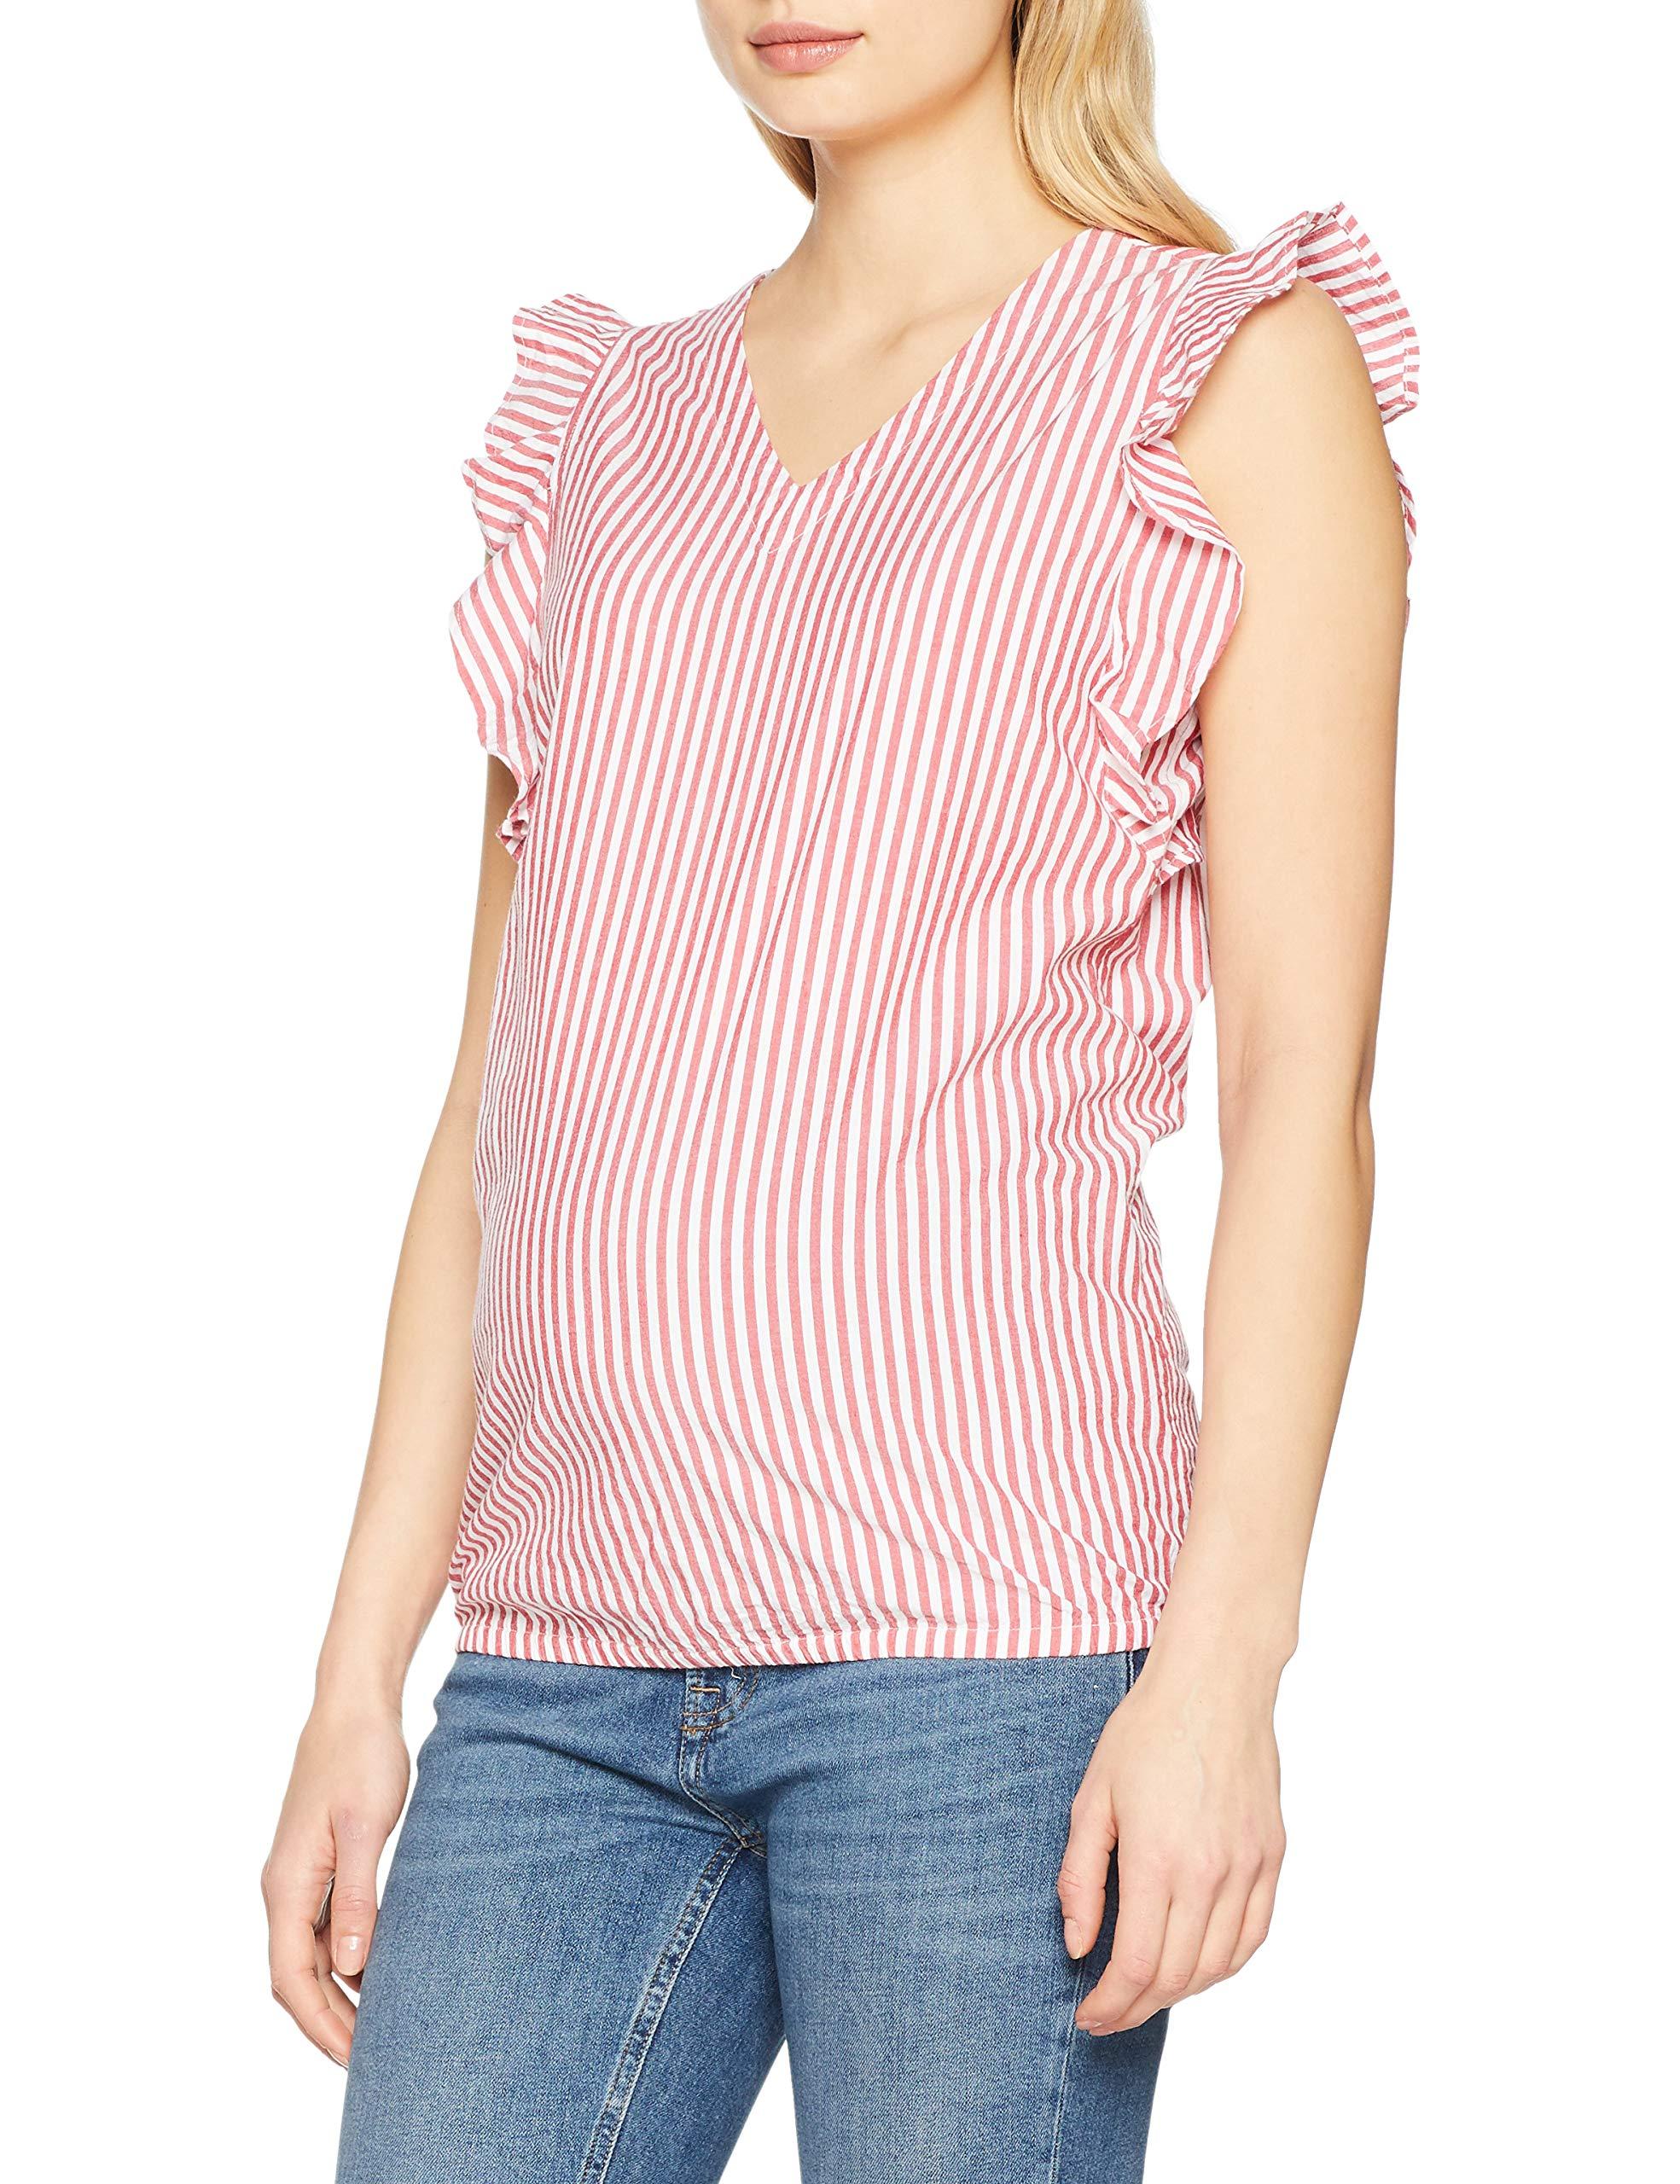 Oakey Ls De MaternitéMulticolorecrimson Blouse Stripe Noppies FabricantMFemme P12940taille Yd fb6Yy7g